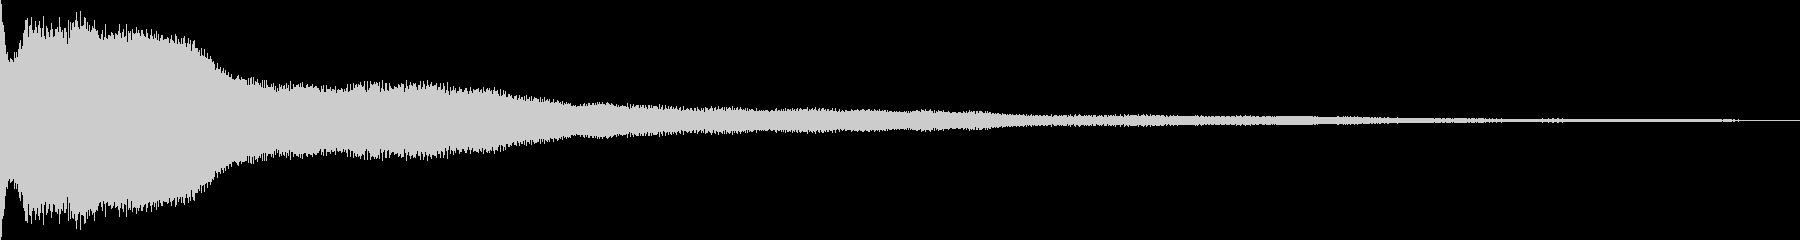 ギャグシーン(あちゃーという感じ)の未再生の波形